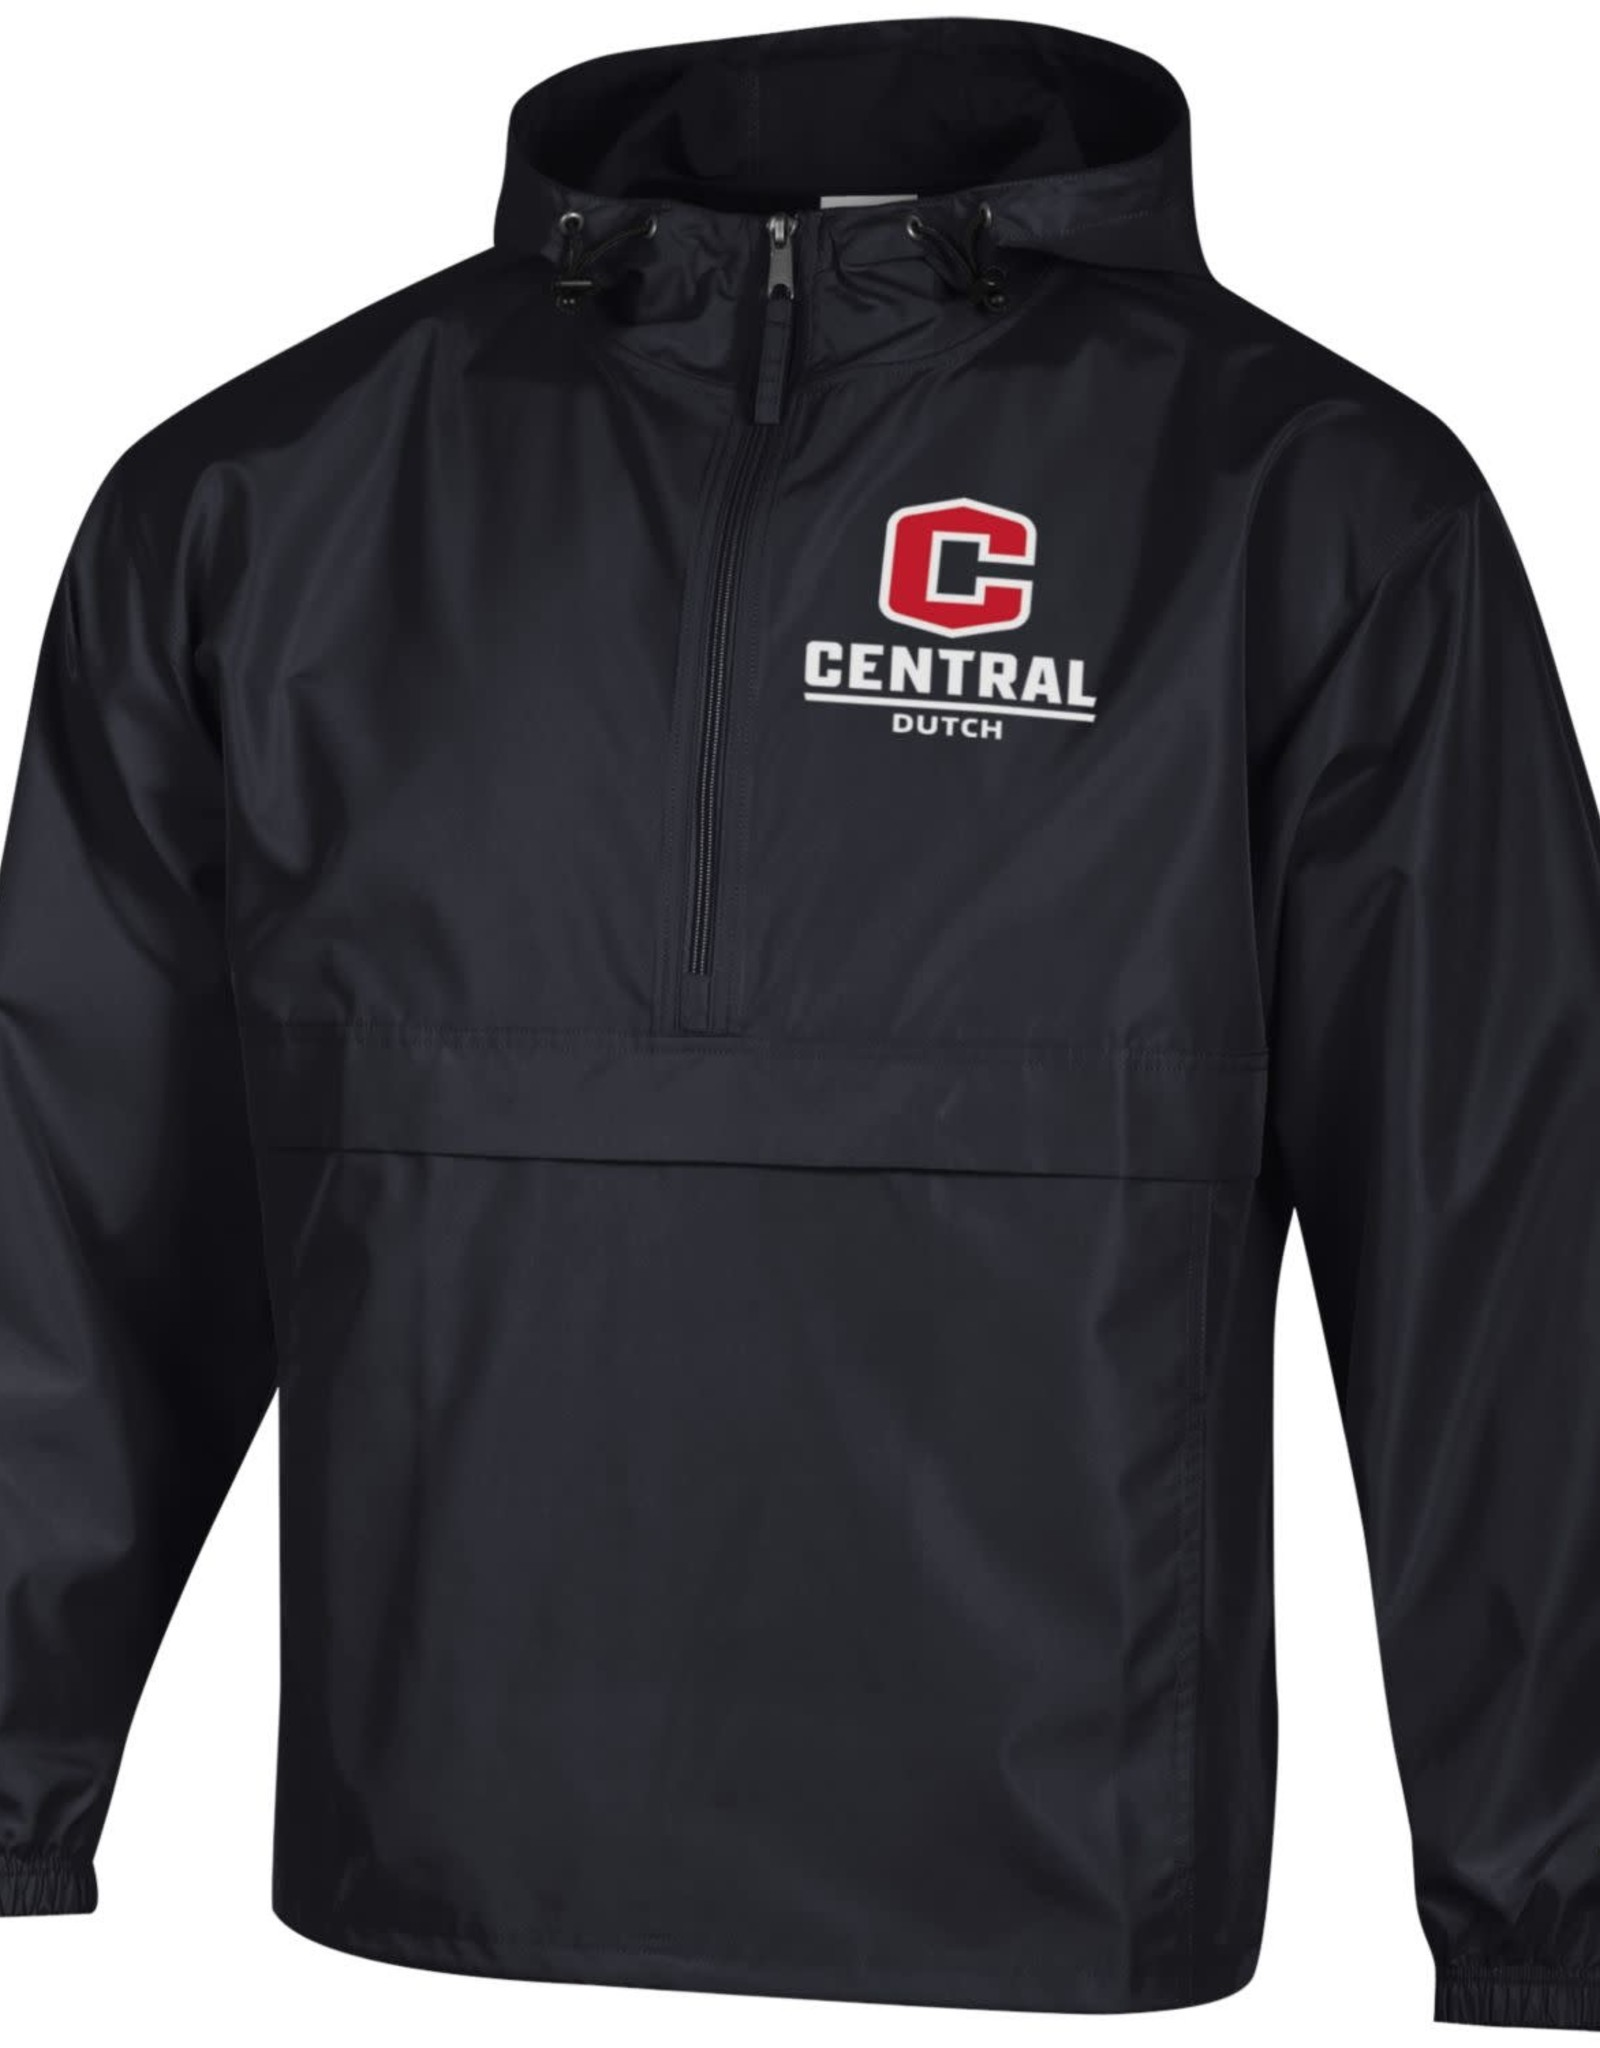 CHAMP Champion Pack N' Go C Logo Black